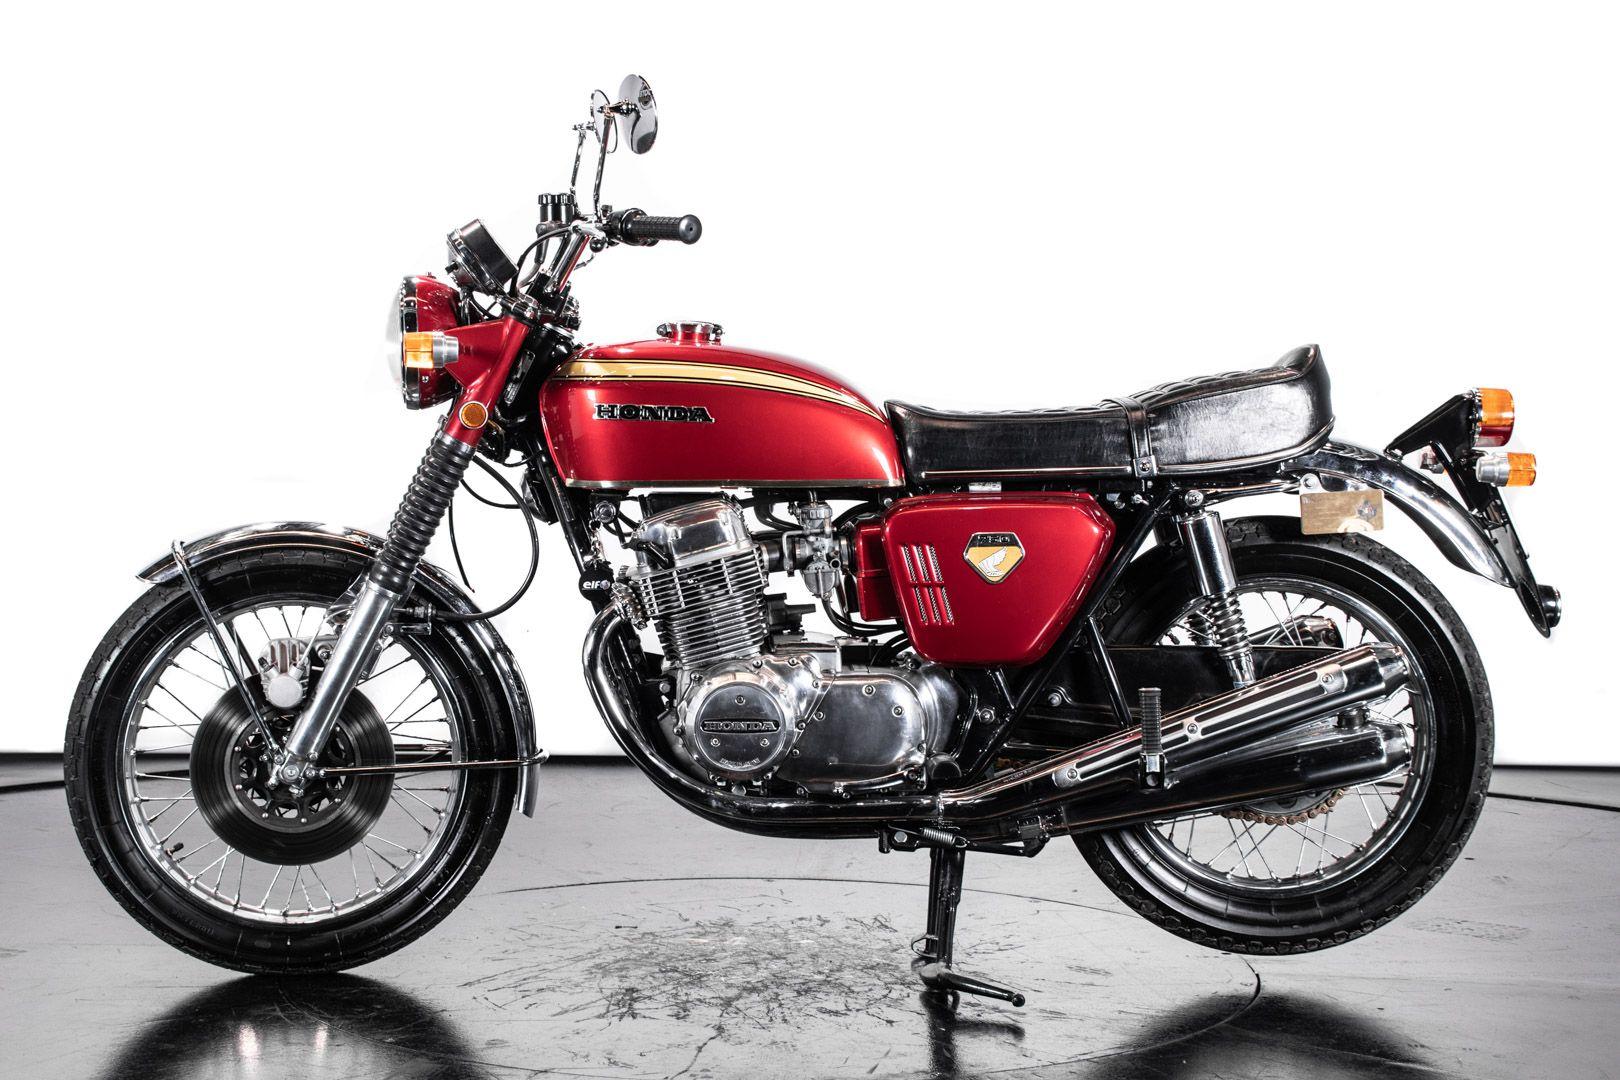 1970 Honda CB 750 Four 83964